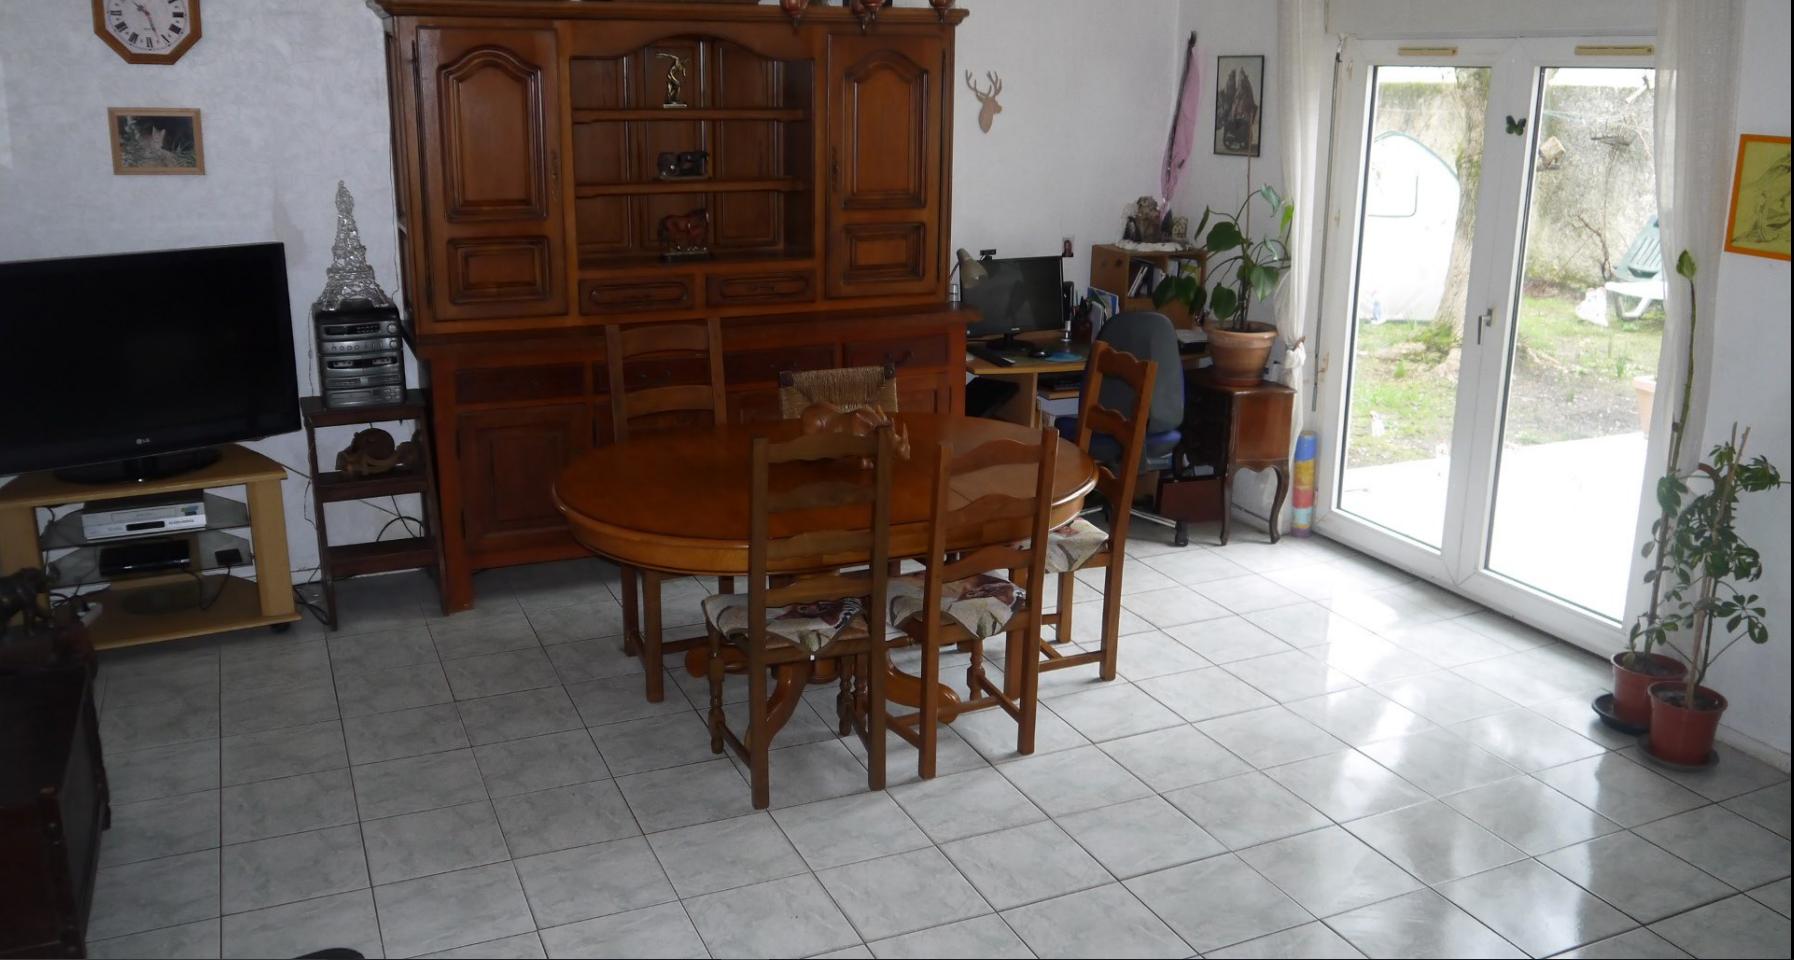 Superficie bureau maison superficie bureau maison maison a vendre herstal maison avec photos - Bureau vallee montpellier ...